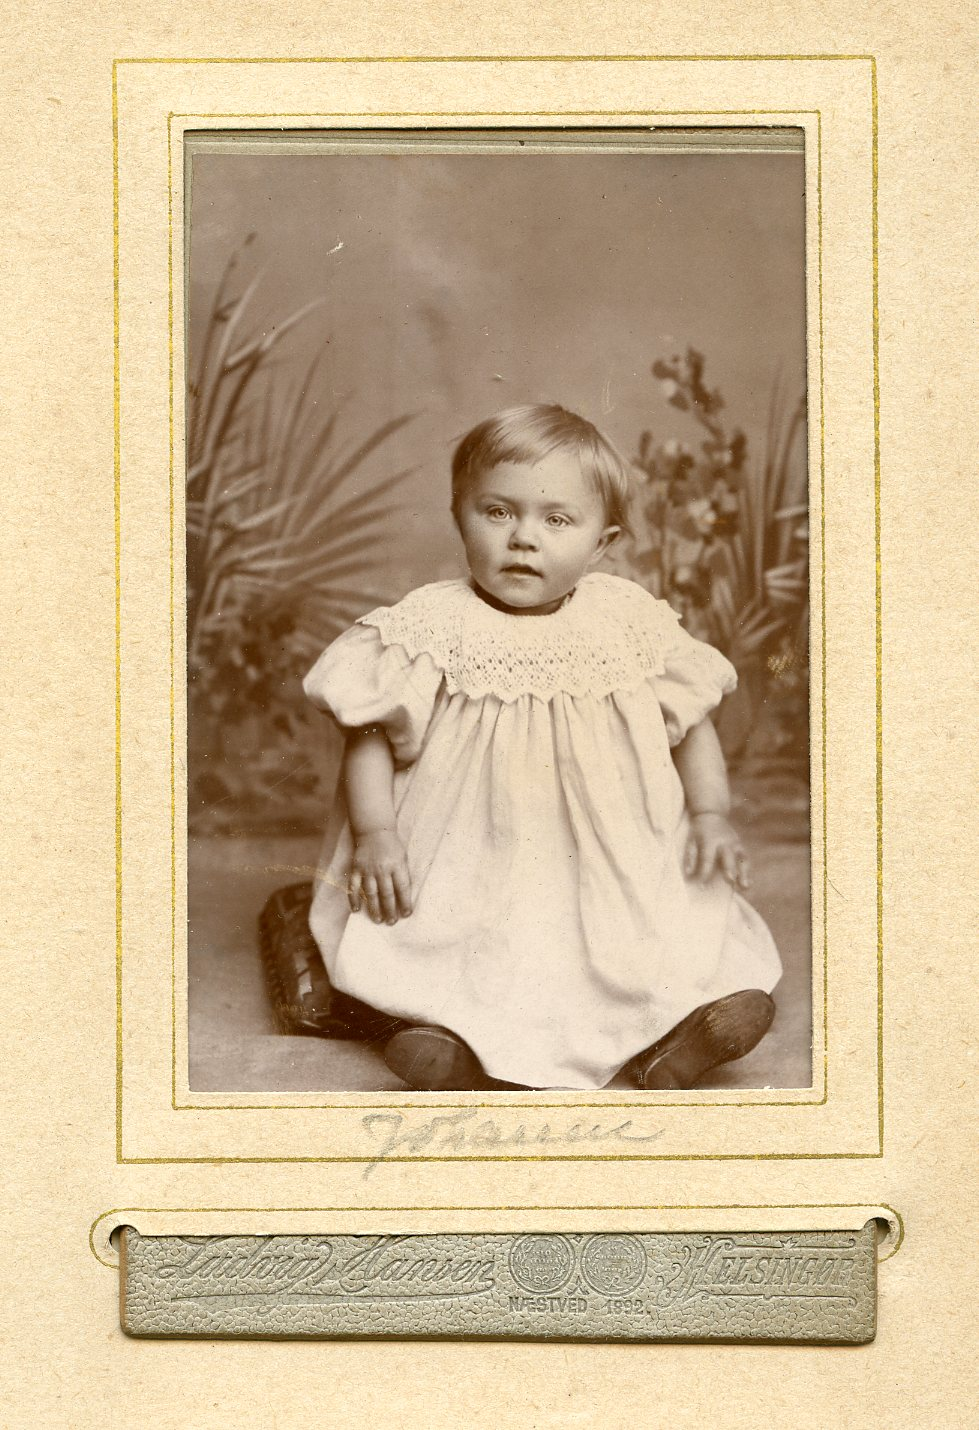 Johanne Hedemanns Album billede nr. 49